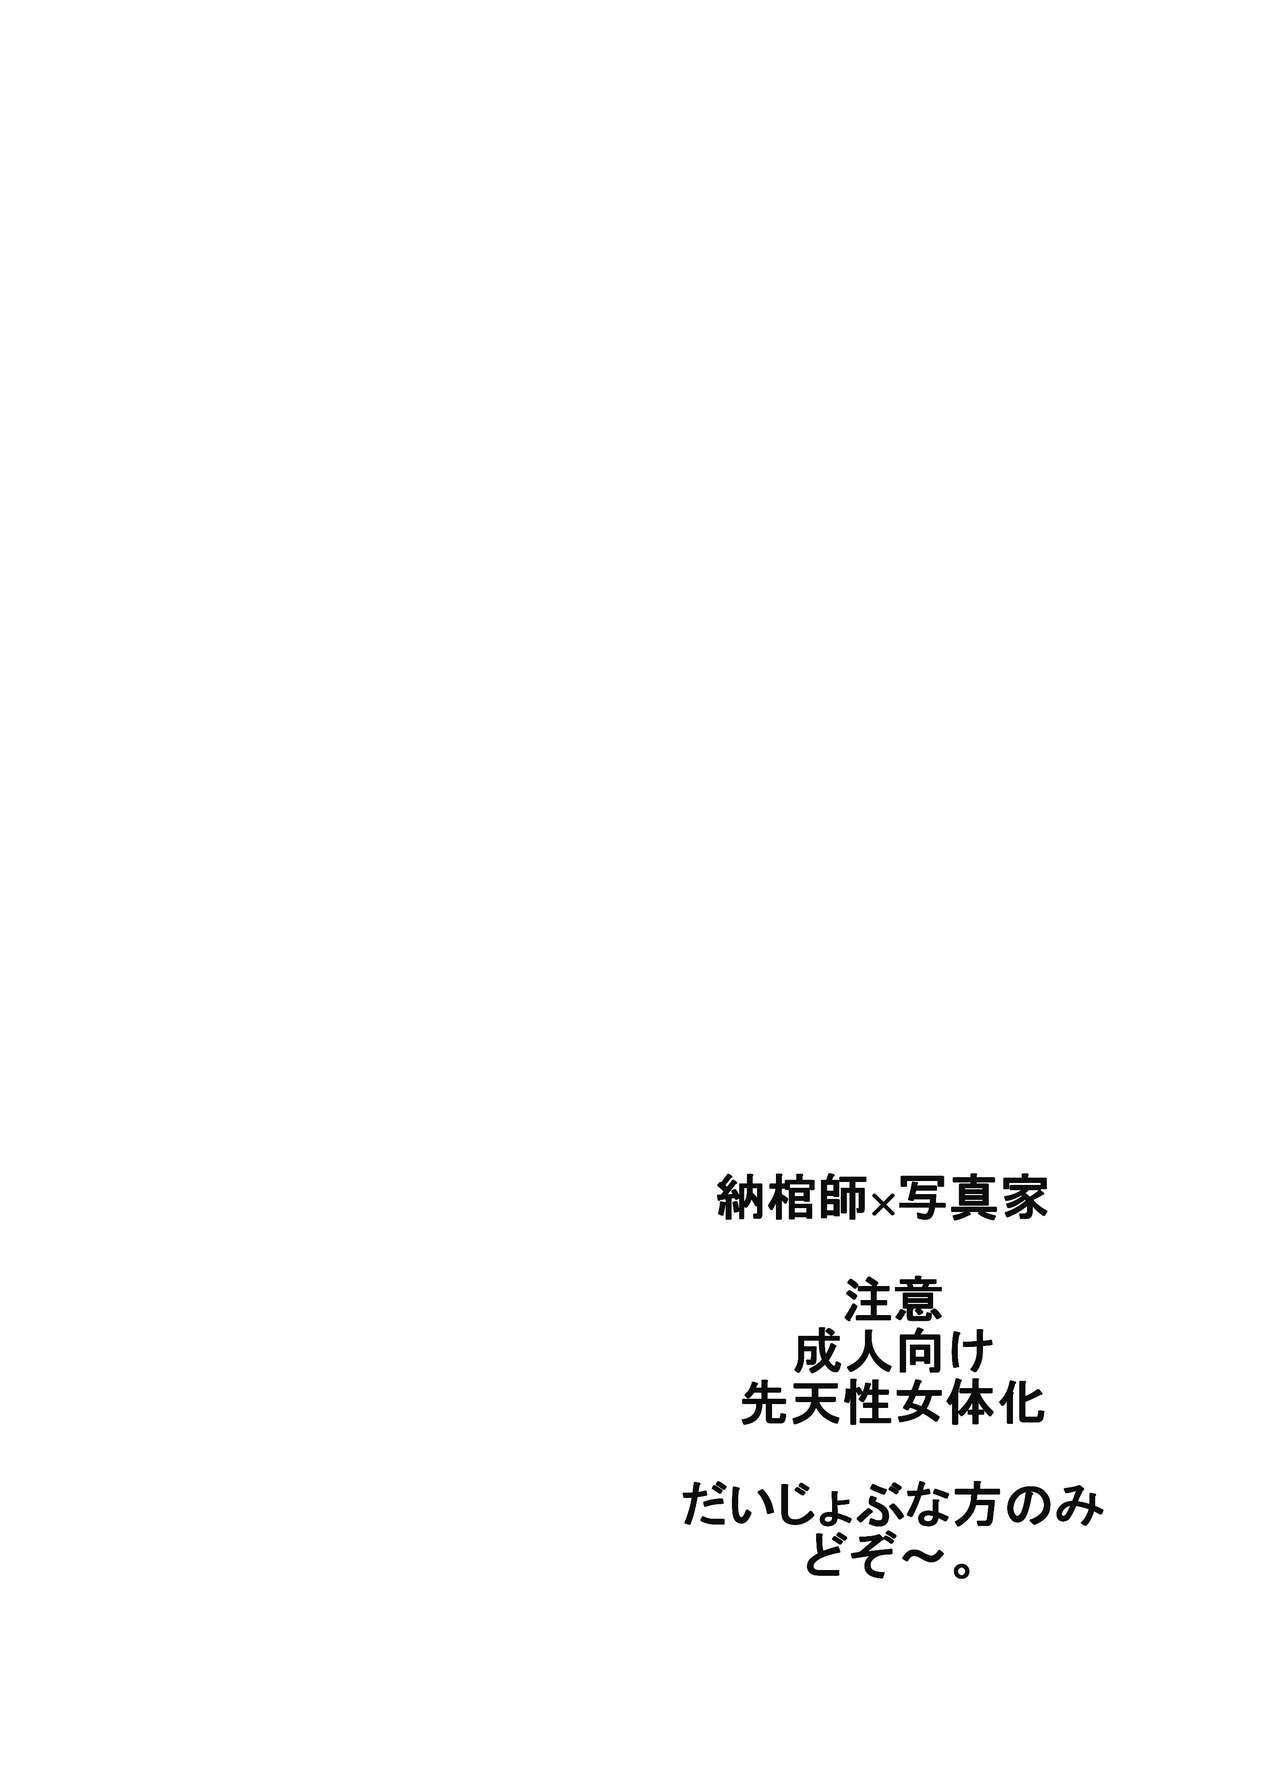 Exorcist-kun wa Gekka no Mono desu! 1